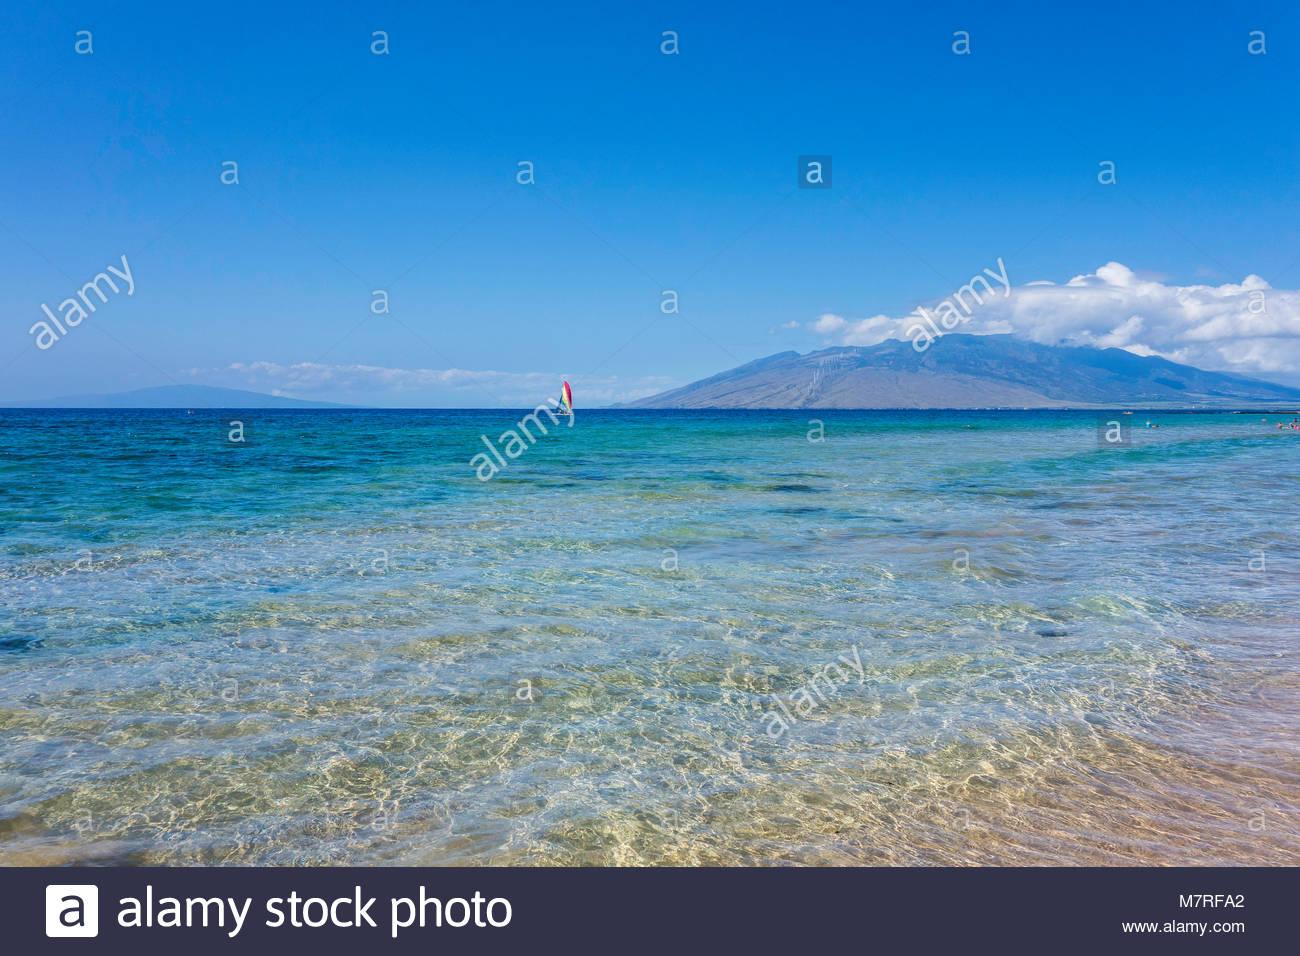 West Maui Berge von Keawakapu Beach mit sanften Wellen auf der pazifischen Insel Maui in Hawaii USA Stockbild